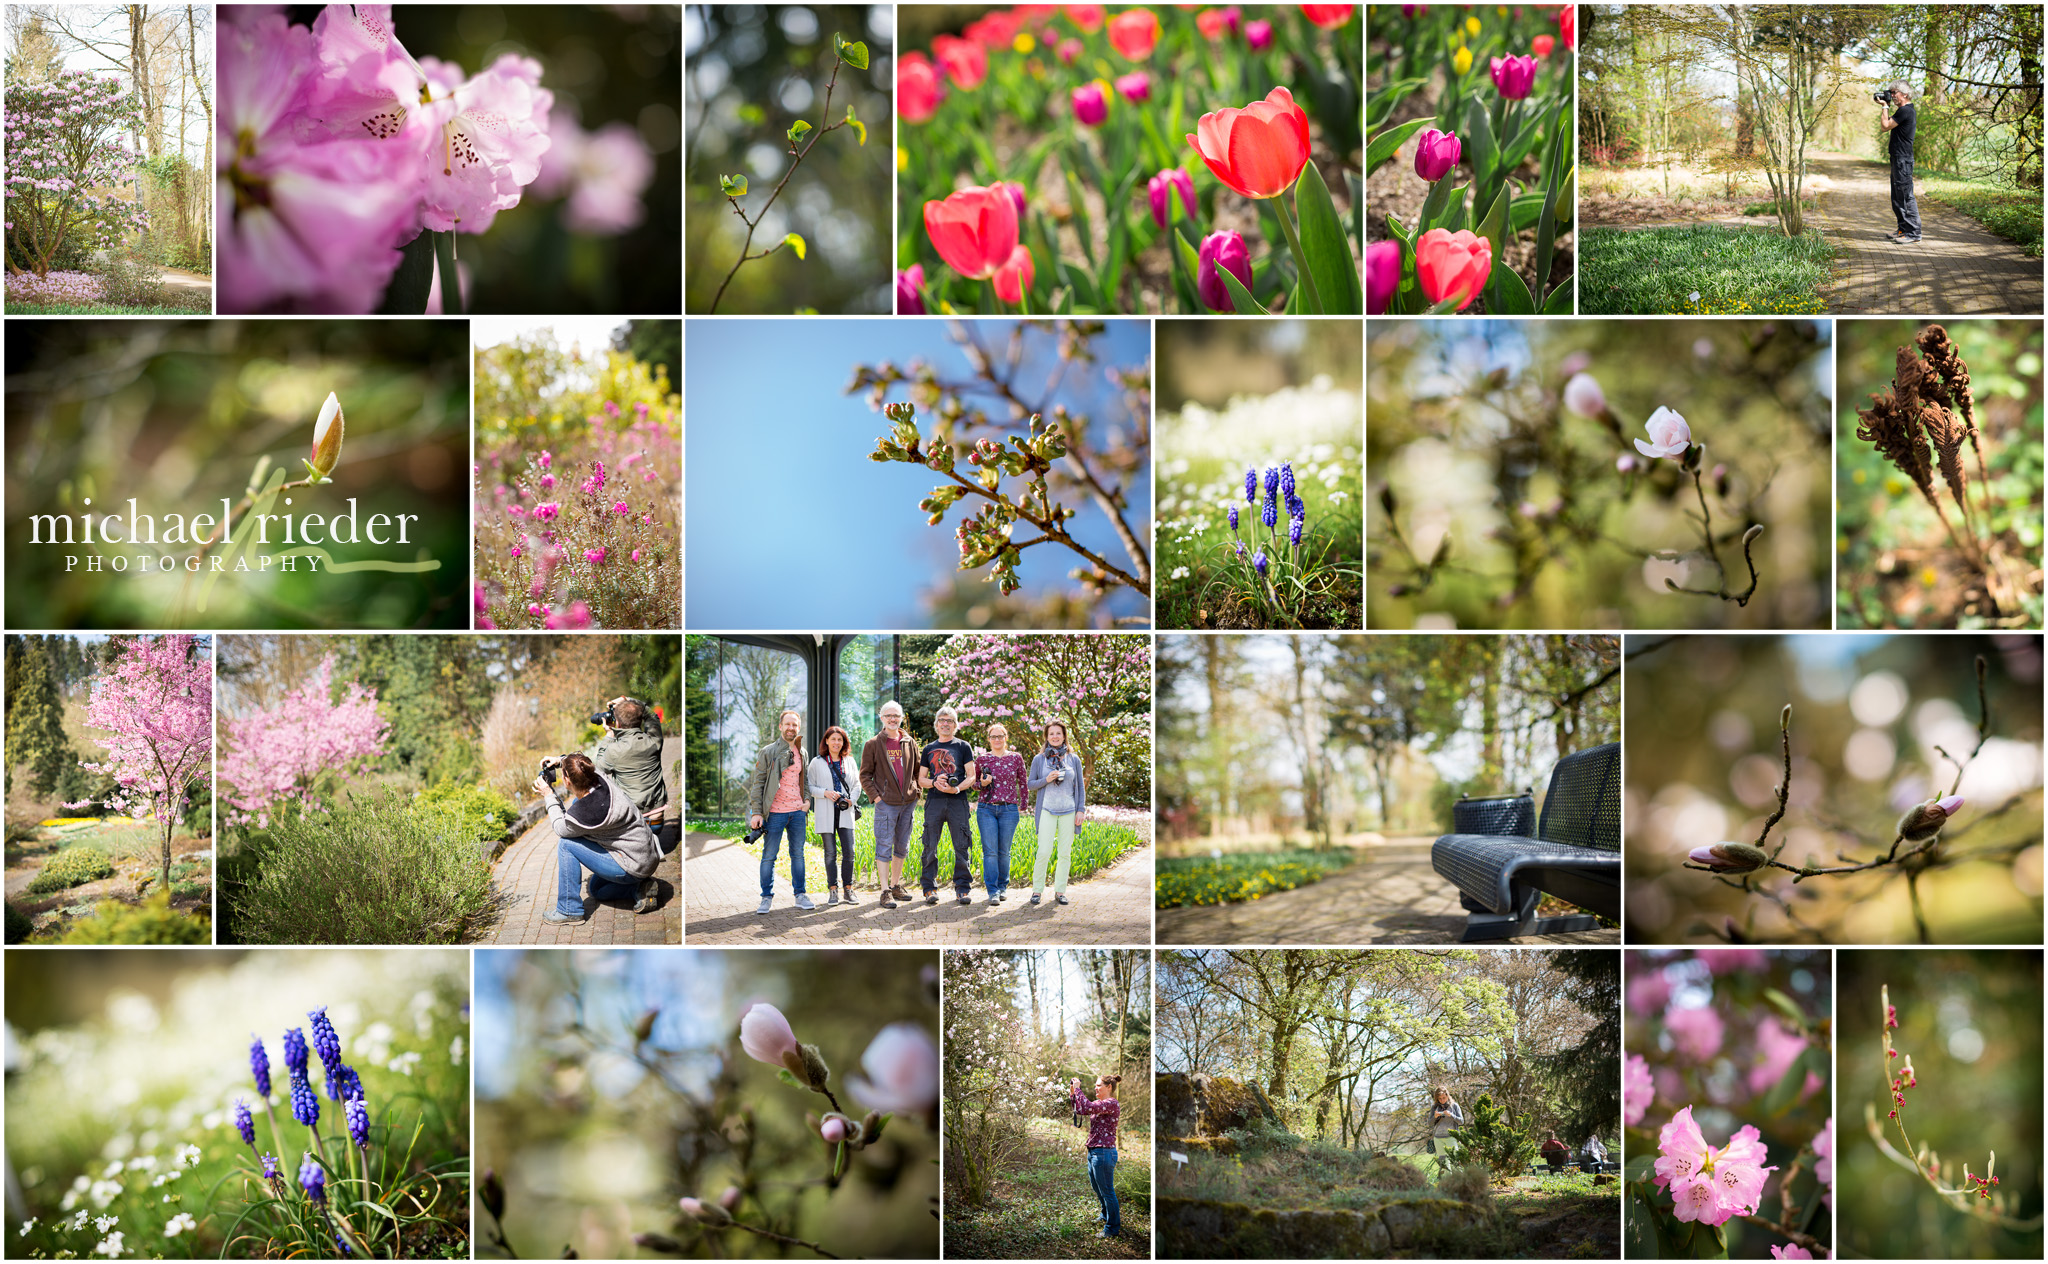 Photo-Walk-Talk vom 14.04.2018 in Grüningen ZH | Michael Rieder Photography